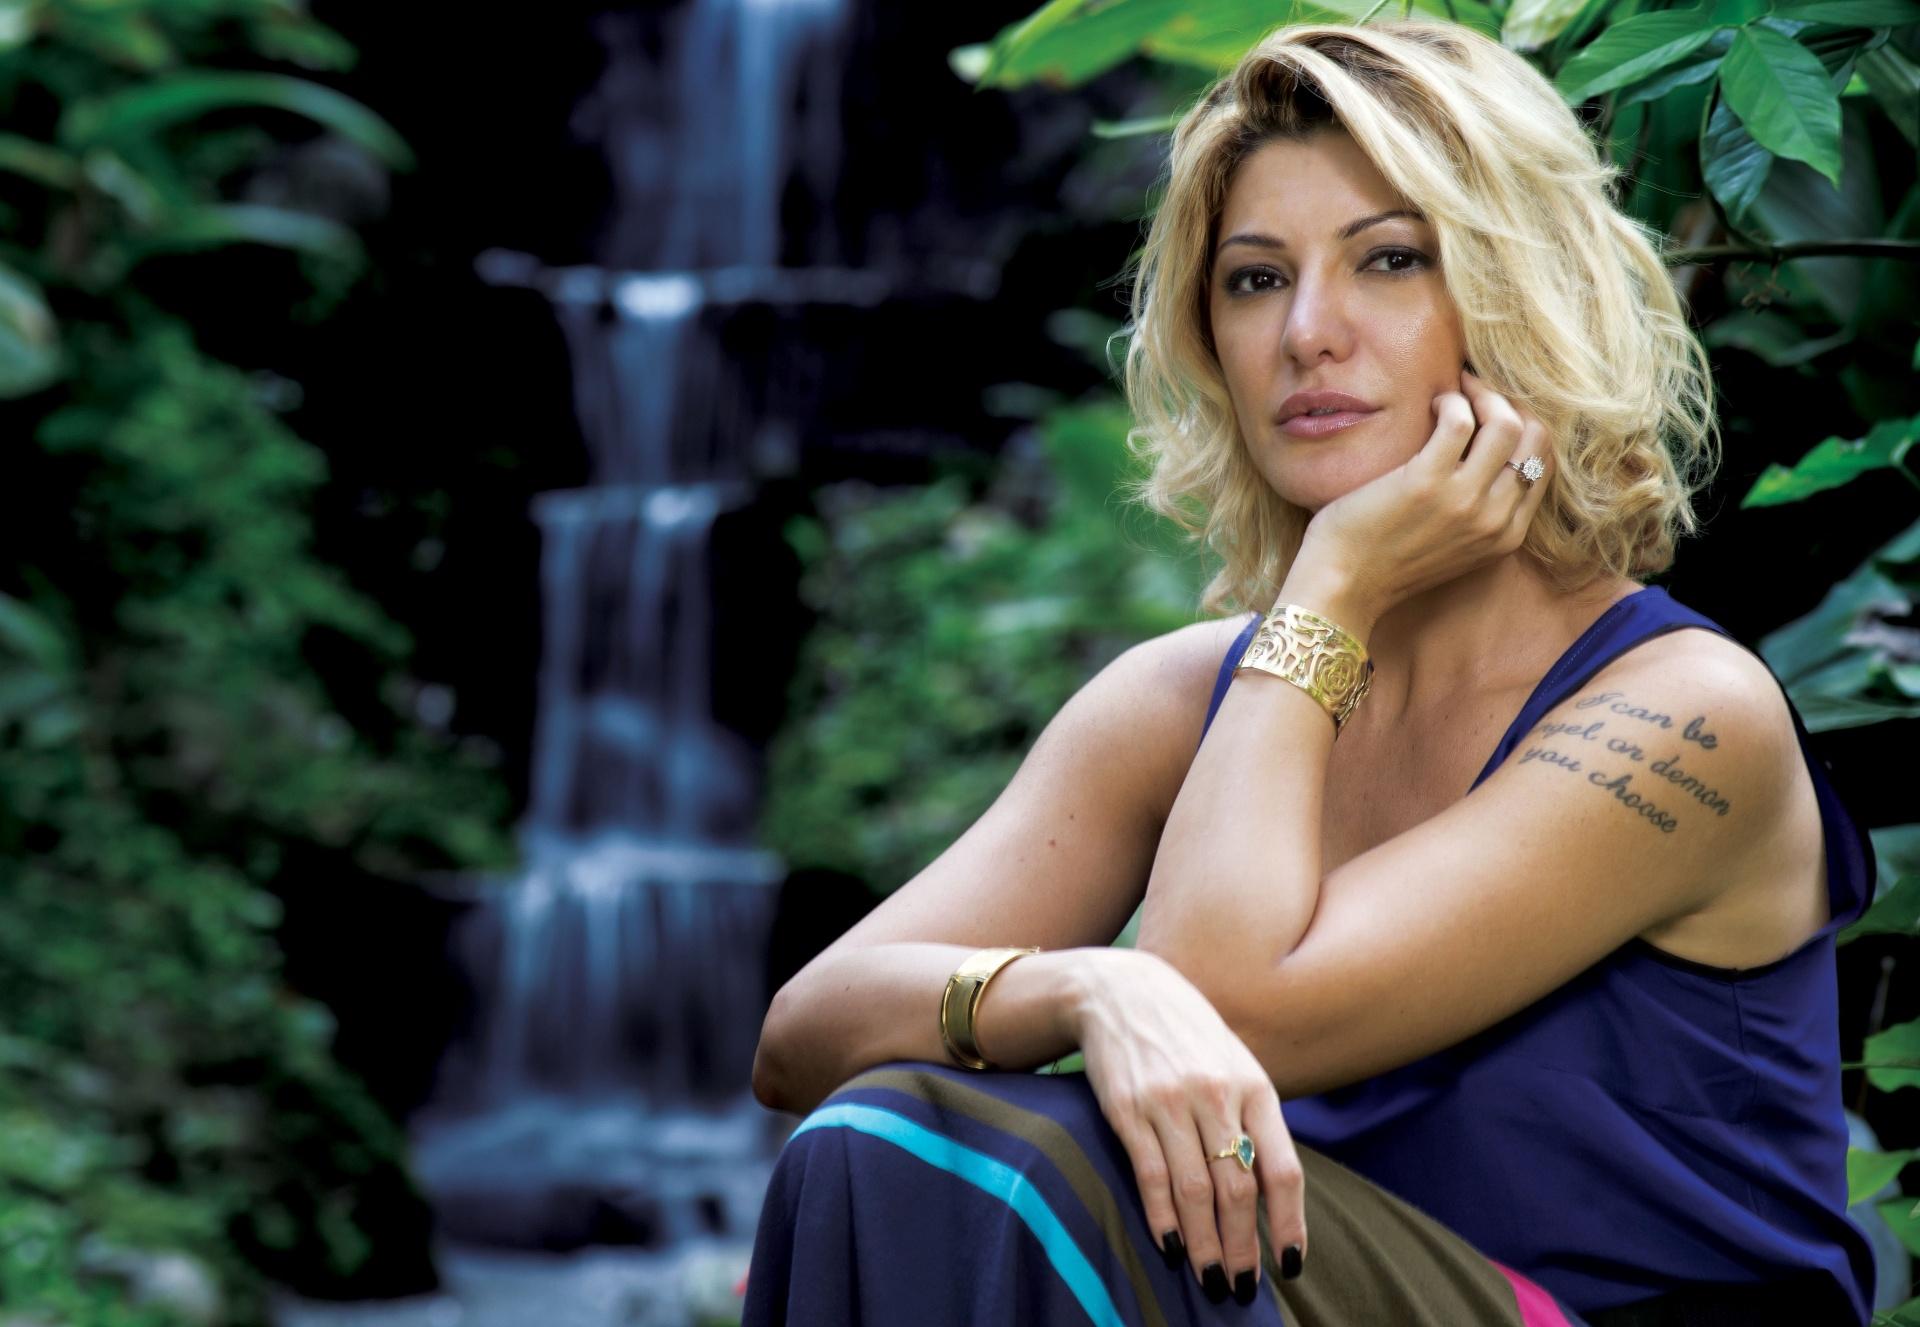 Antonia Fontenelle sobre ser reconhecida na justiça como herdeira e viúva de Marcos Paulo: